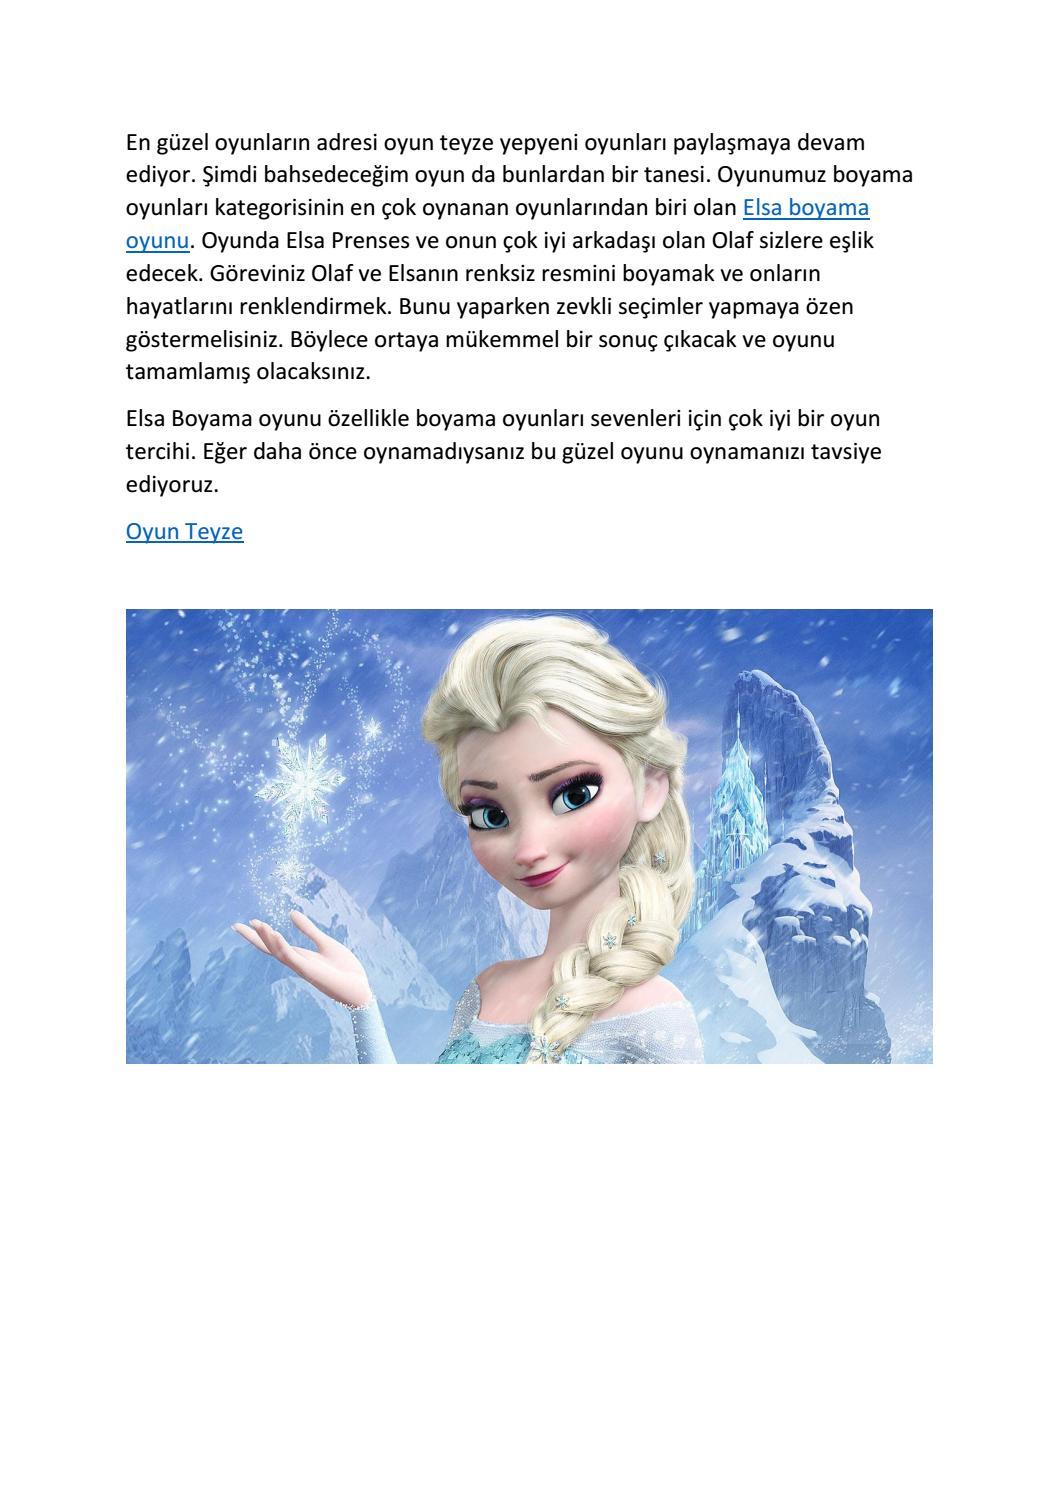 Elsa Boyama Oyunu By Secilarslann Issuu